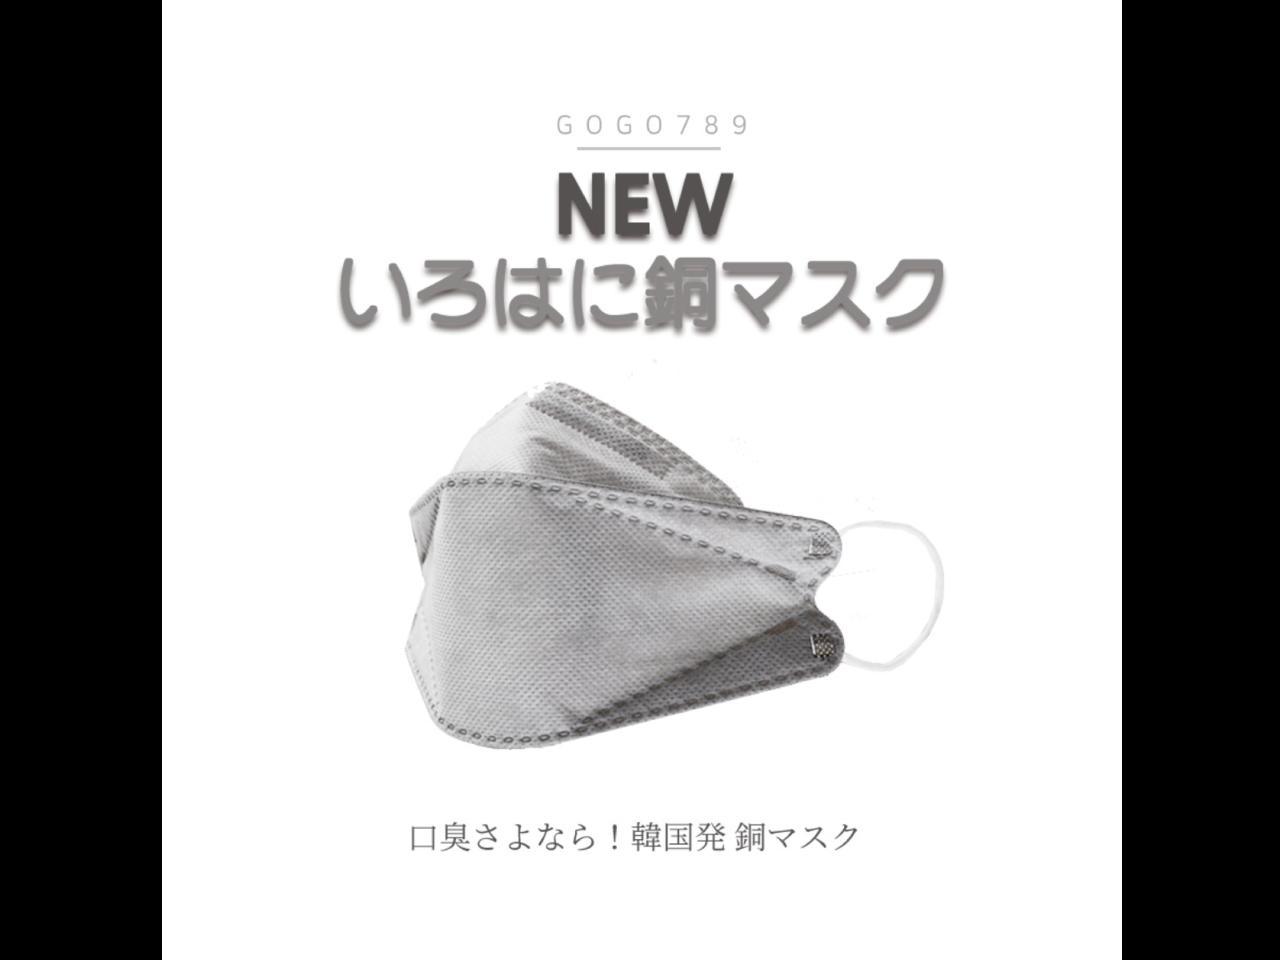 3D構造と高い密着性、銅の抗菌力を兼ね添えた次世代不織布マスク「いろはに銅マスク」が販売開始